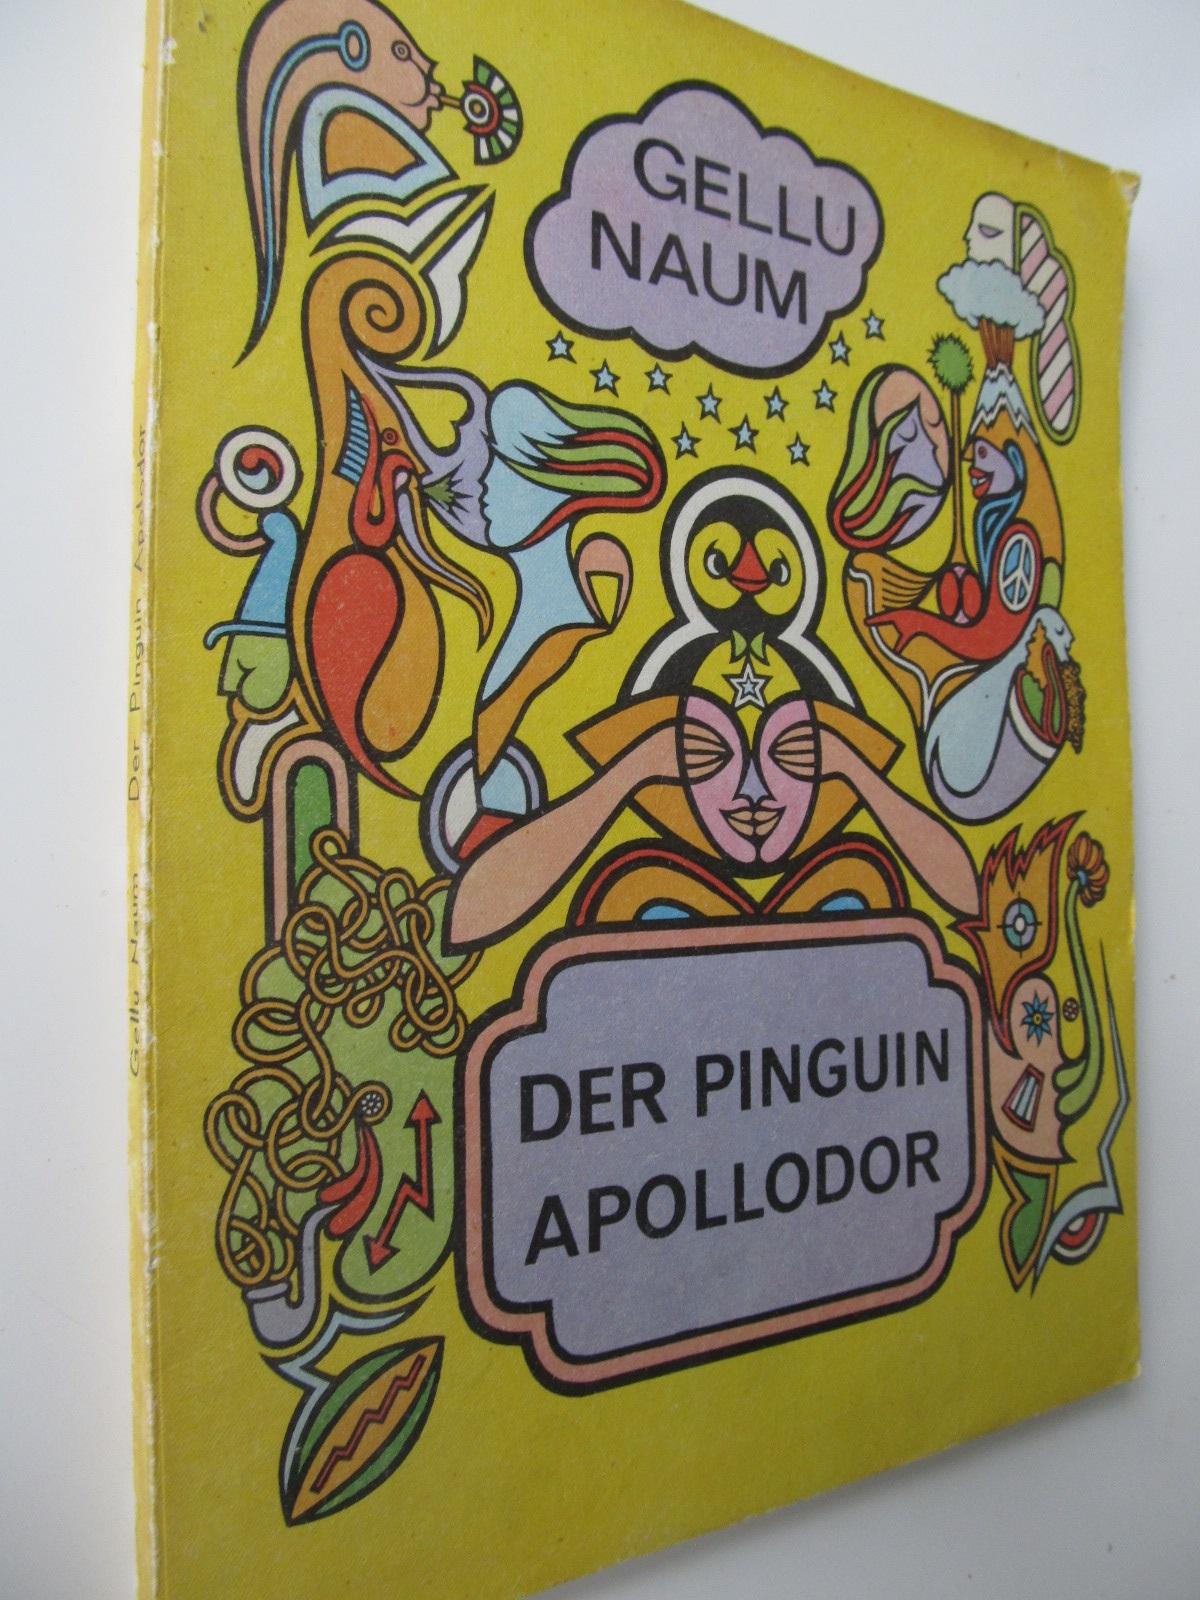 Der Pinguin Apollodor - Gellu Naum | Detalii carte